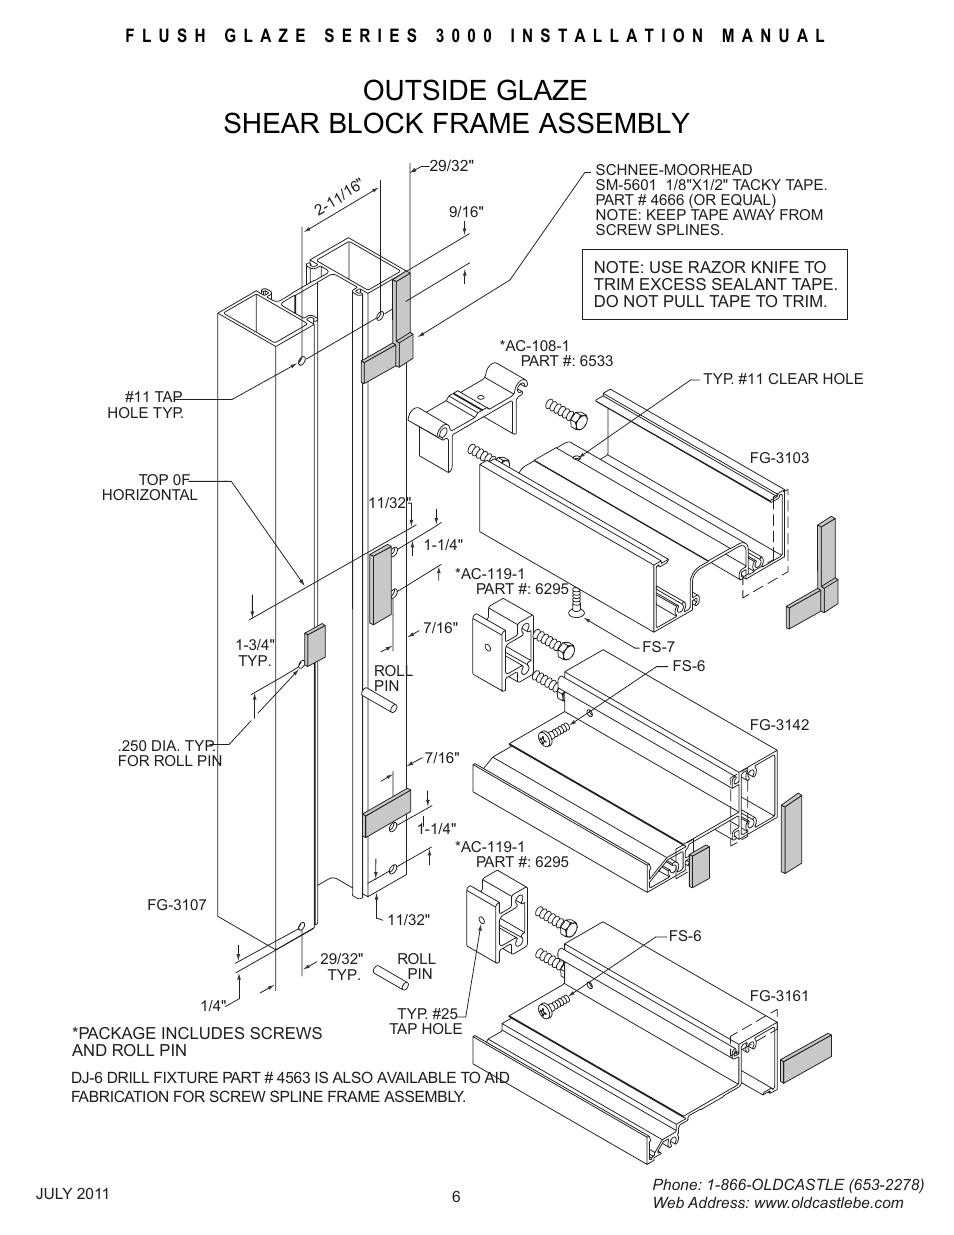 Outsideglz-frm-assembly, Outside glaze shear block frame